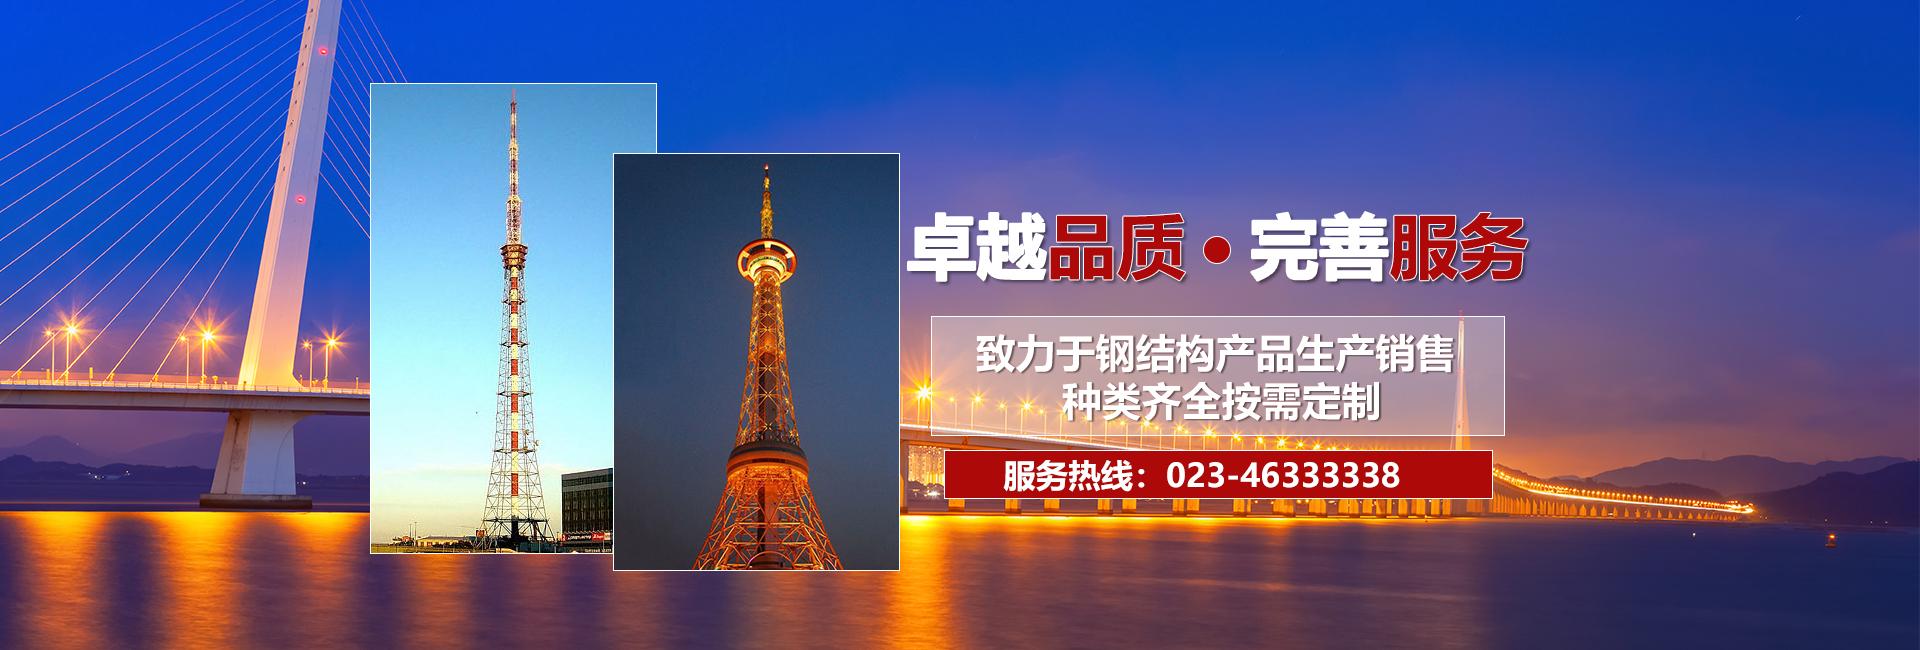 重庆通讯铁塔